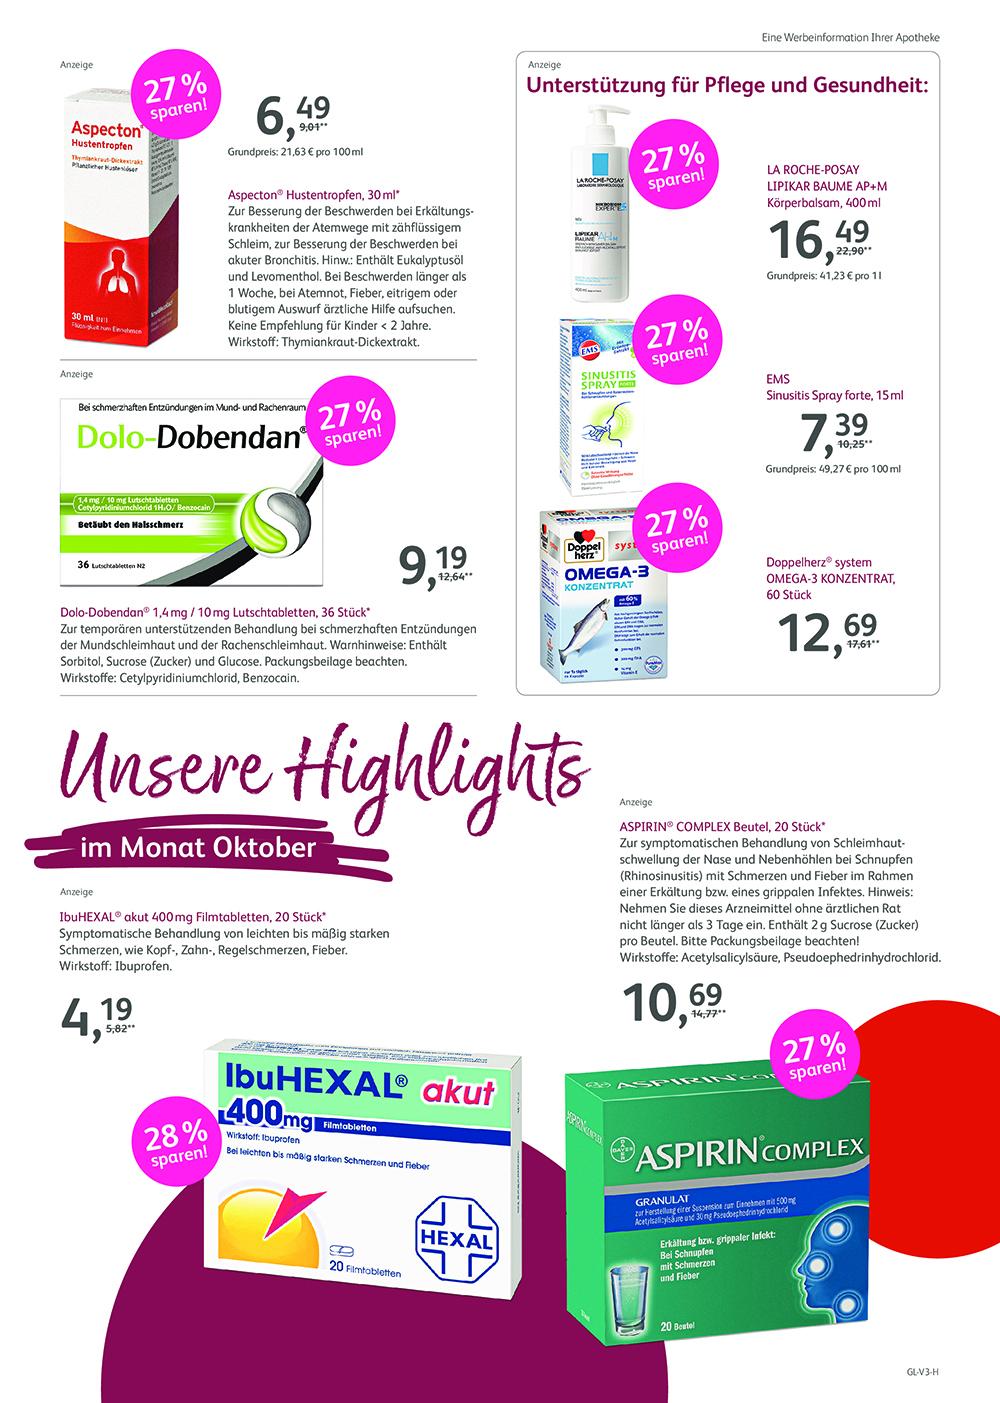 http://www.apotheken.de/fileadmin/clubarea/00000-Angebote/91710_salvator_angebot_3.jpg